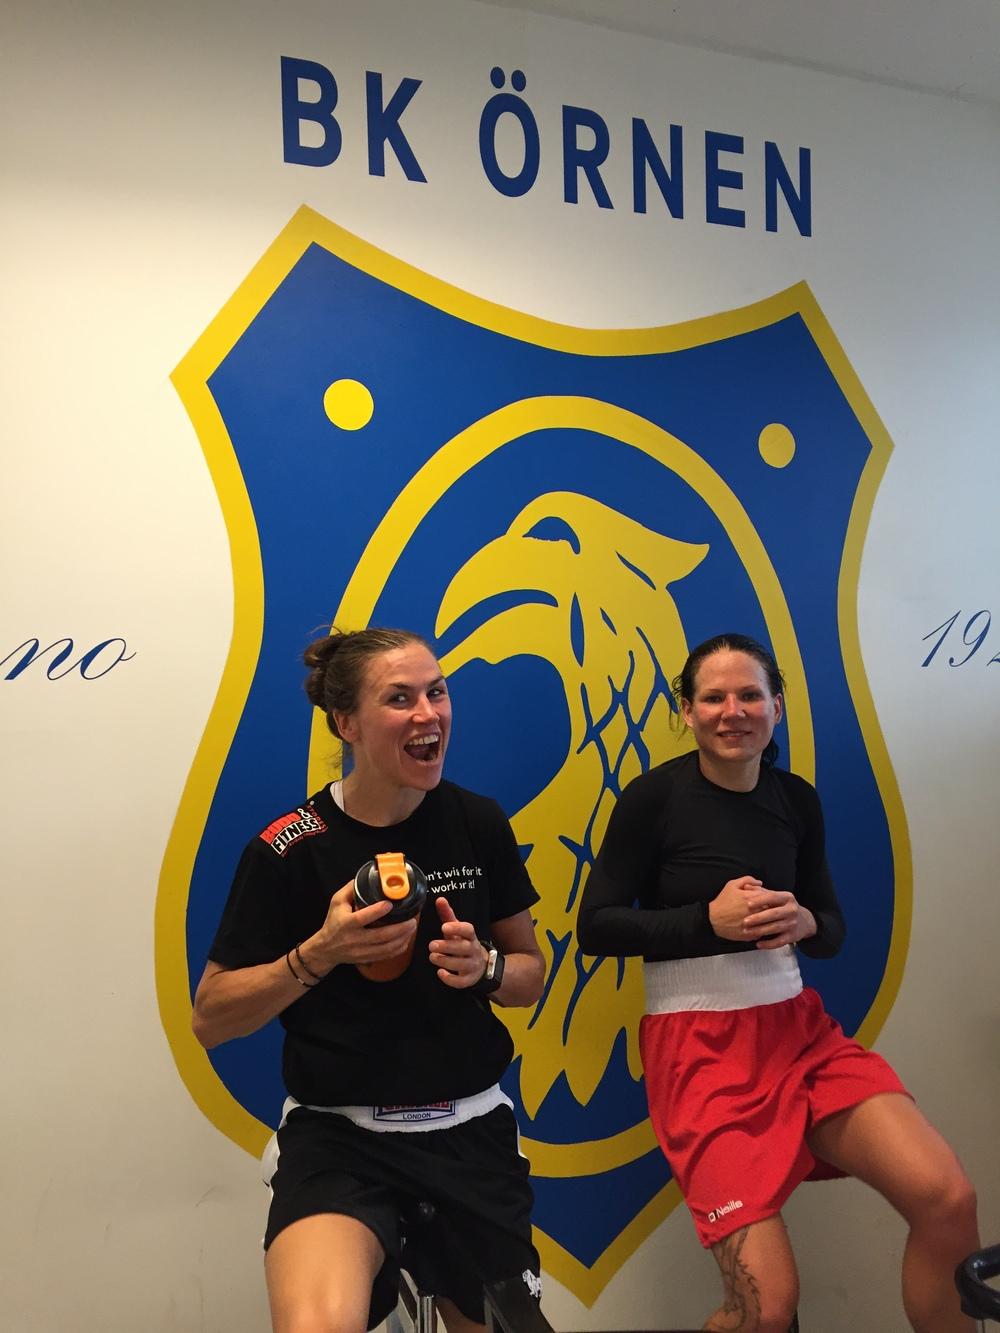 Lise och Satu körde riktigt bra och tuff sparring !